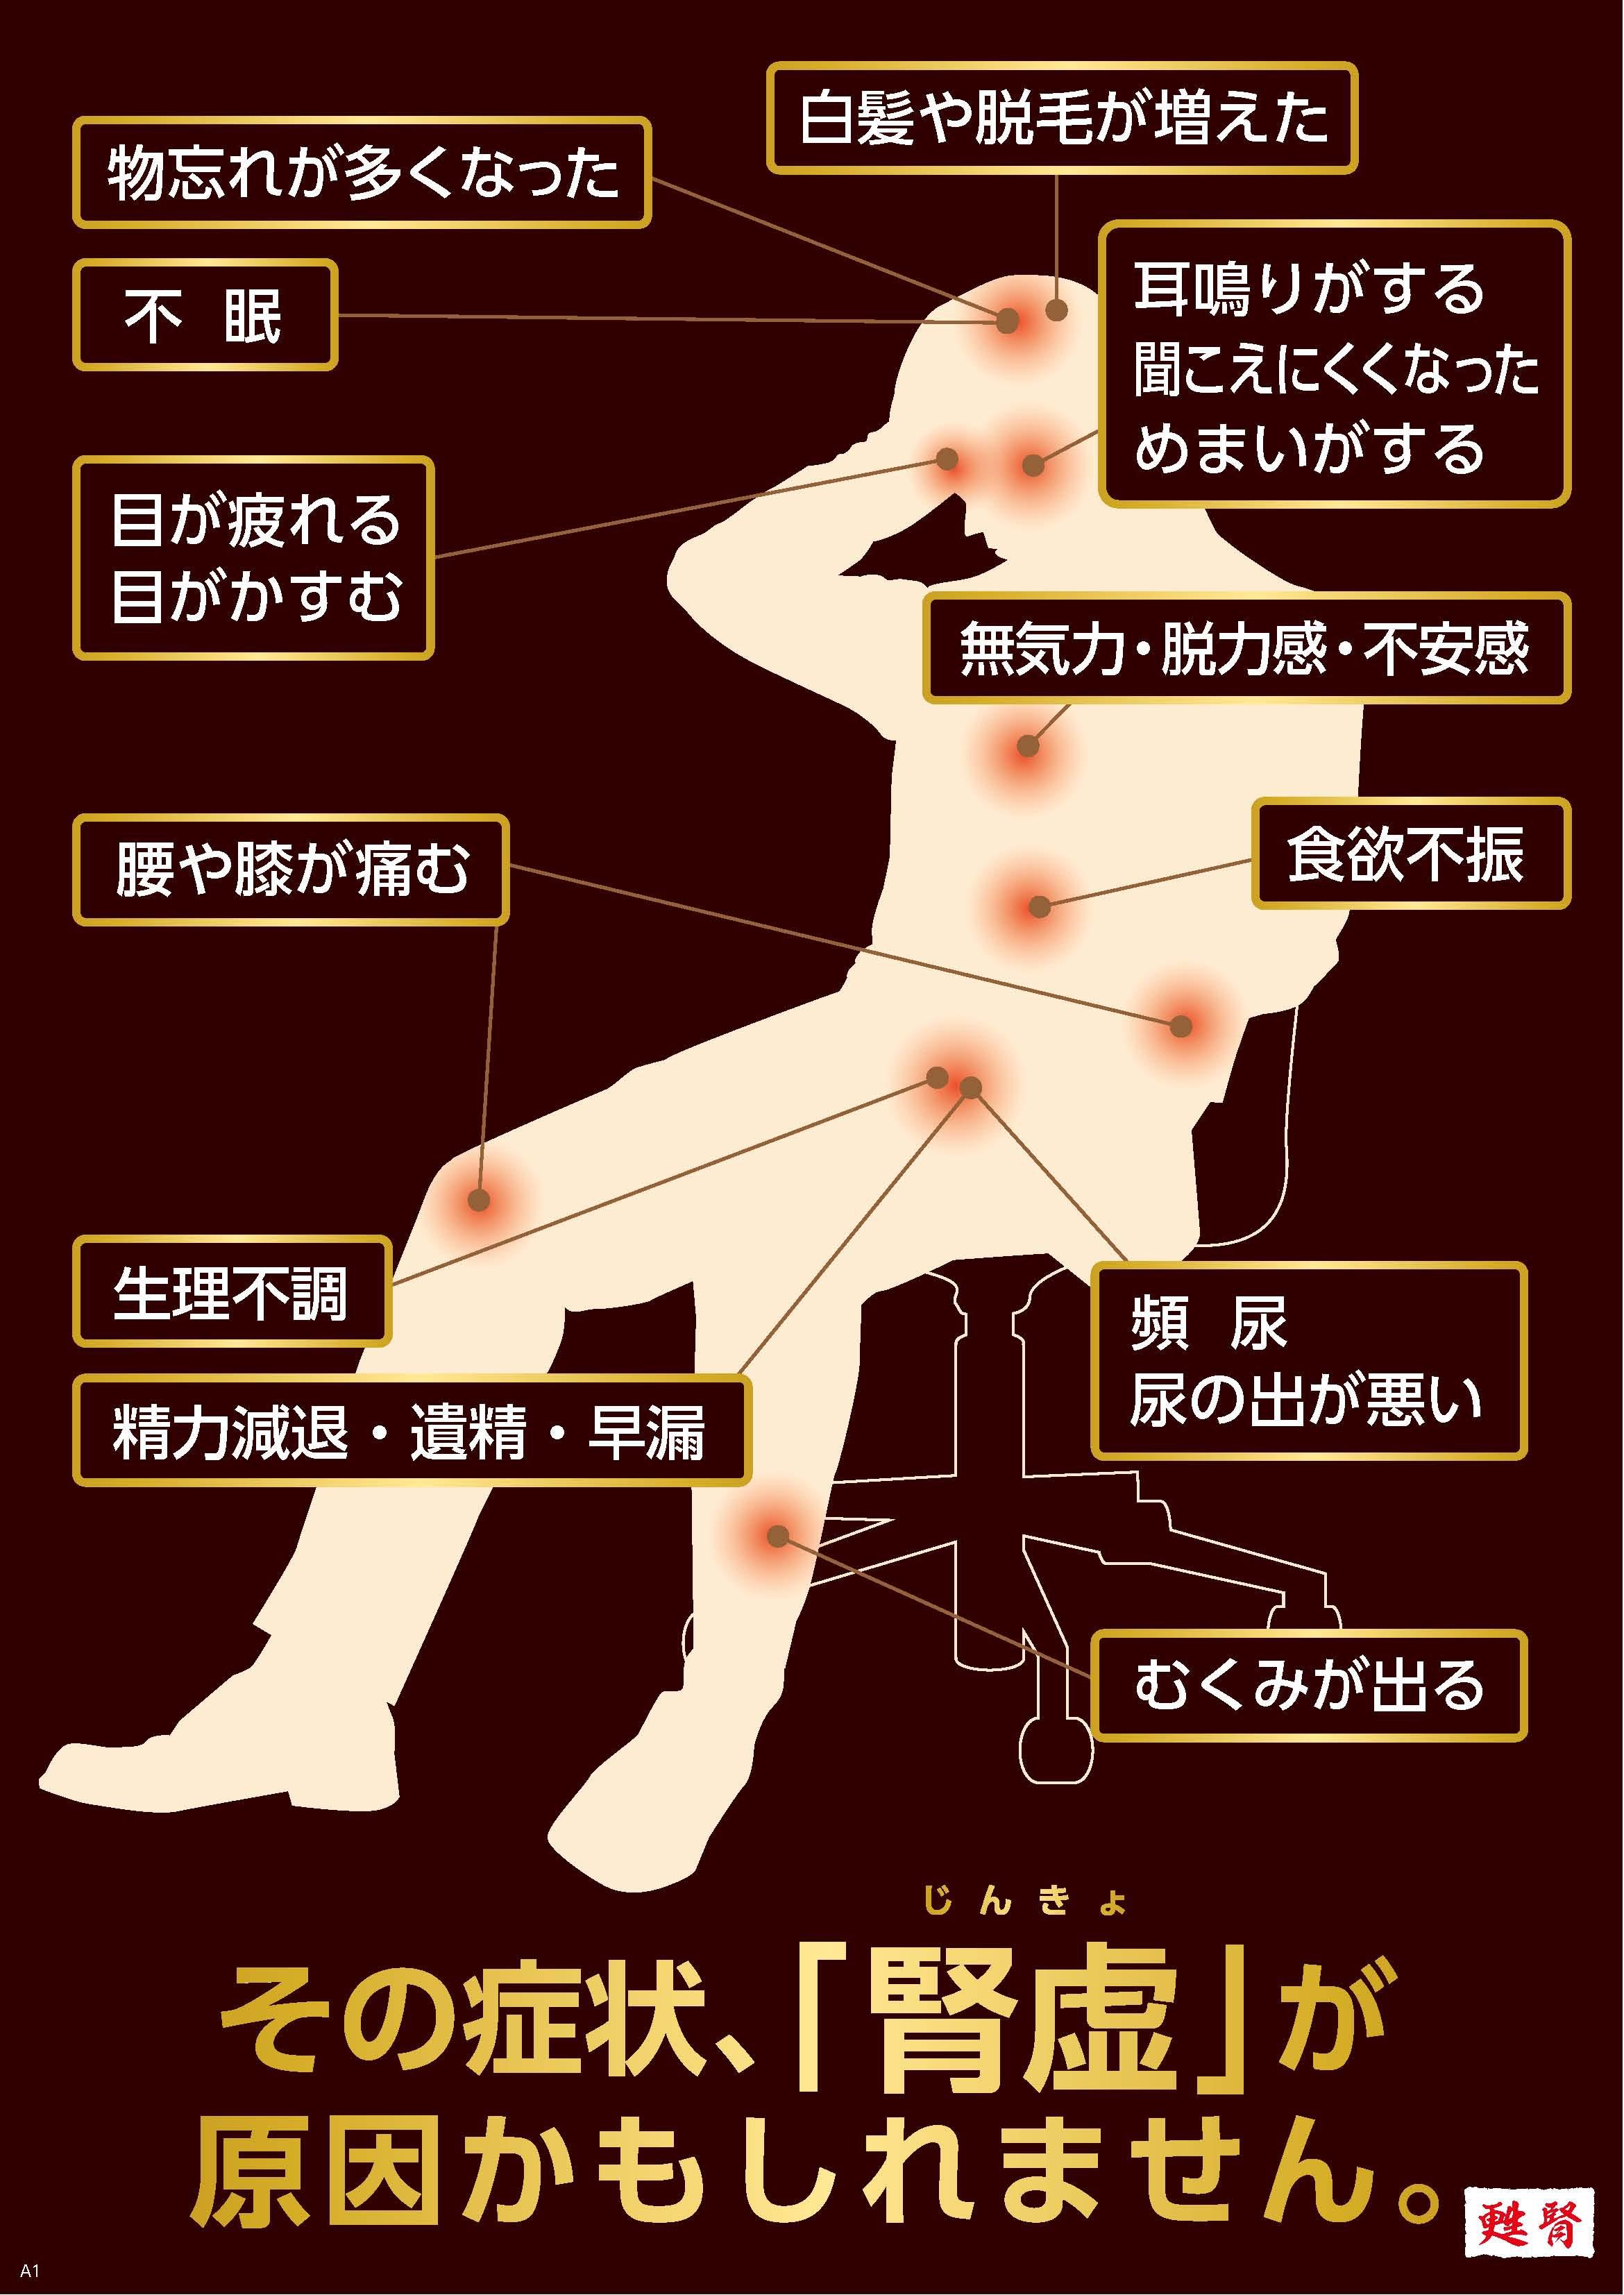 腎虚人体ポスターA3.jpg